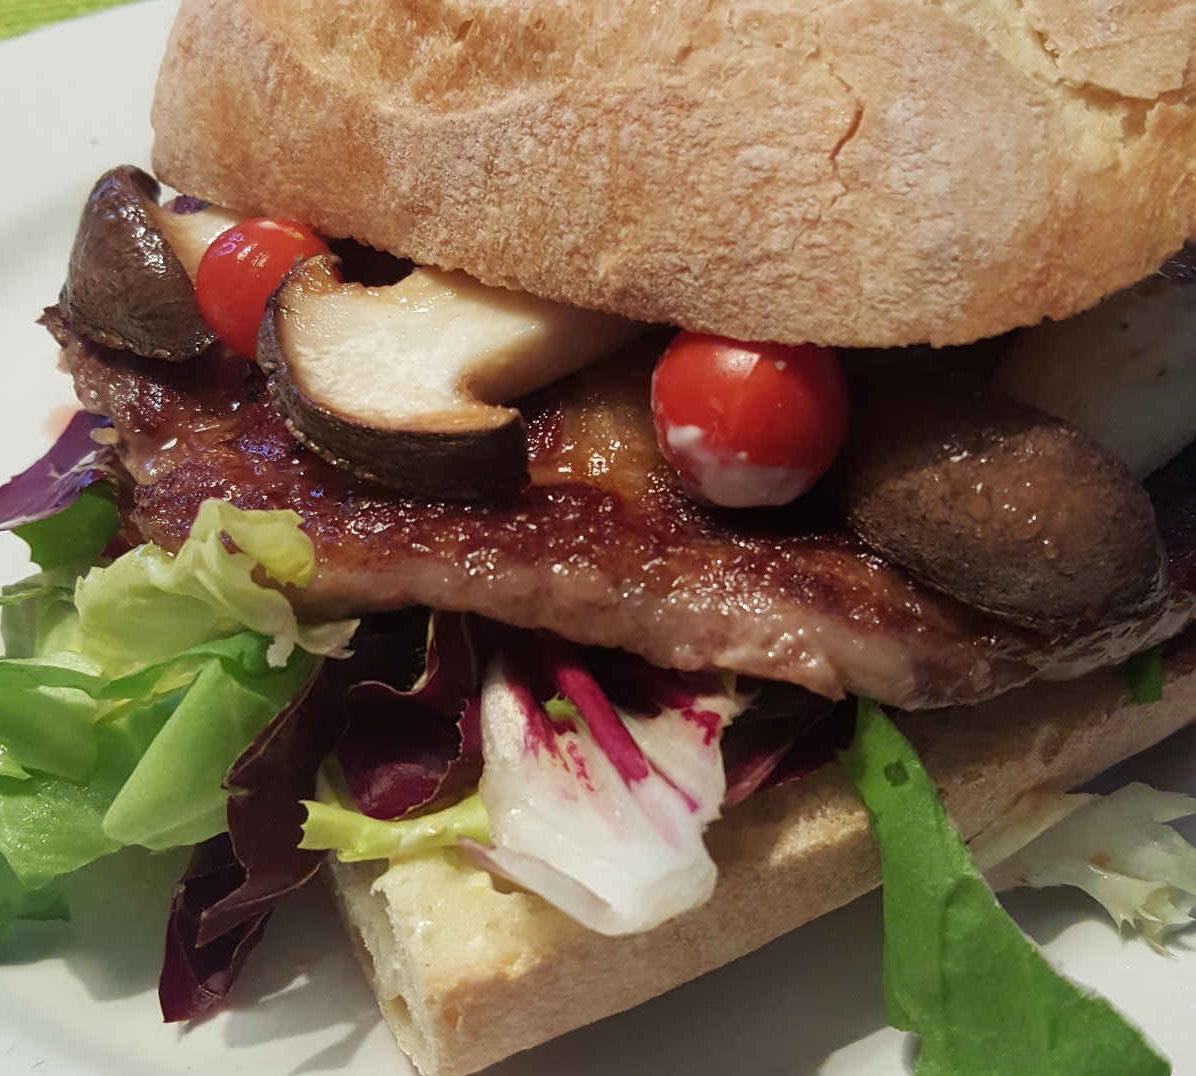 Kochen unterwegs Sandwich mit Steak, Steinpilzen, Tomaten etc.